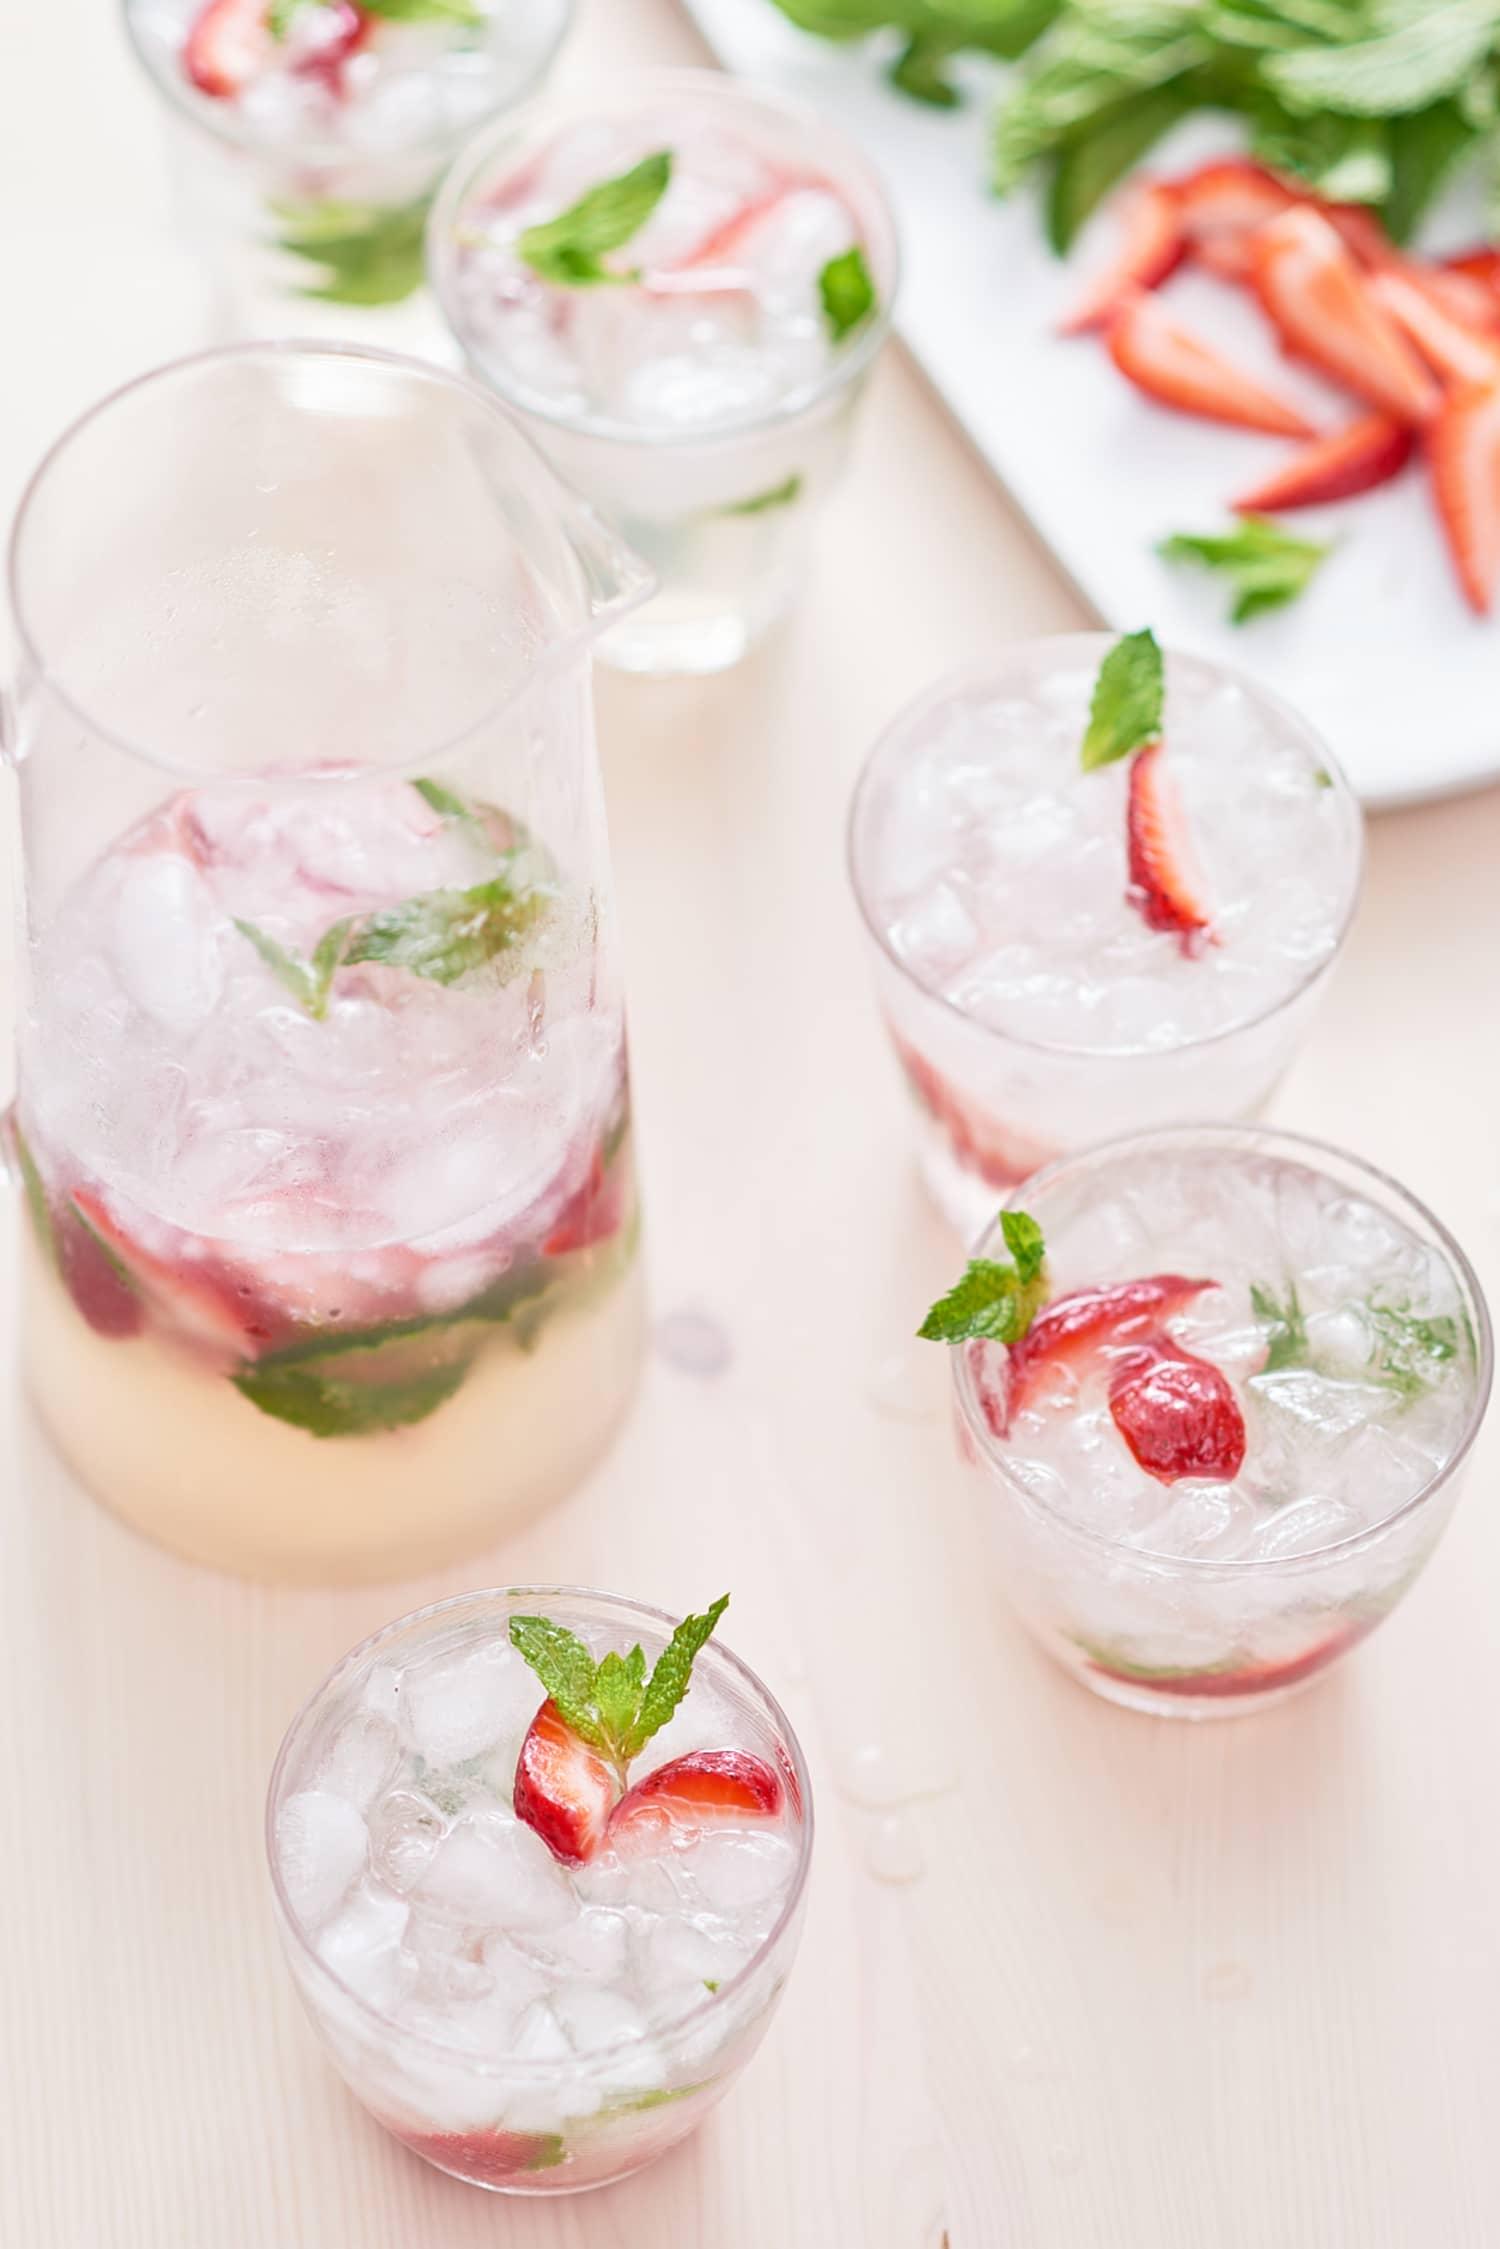 Recipe: Strawberry Mojito Pitcher